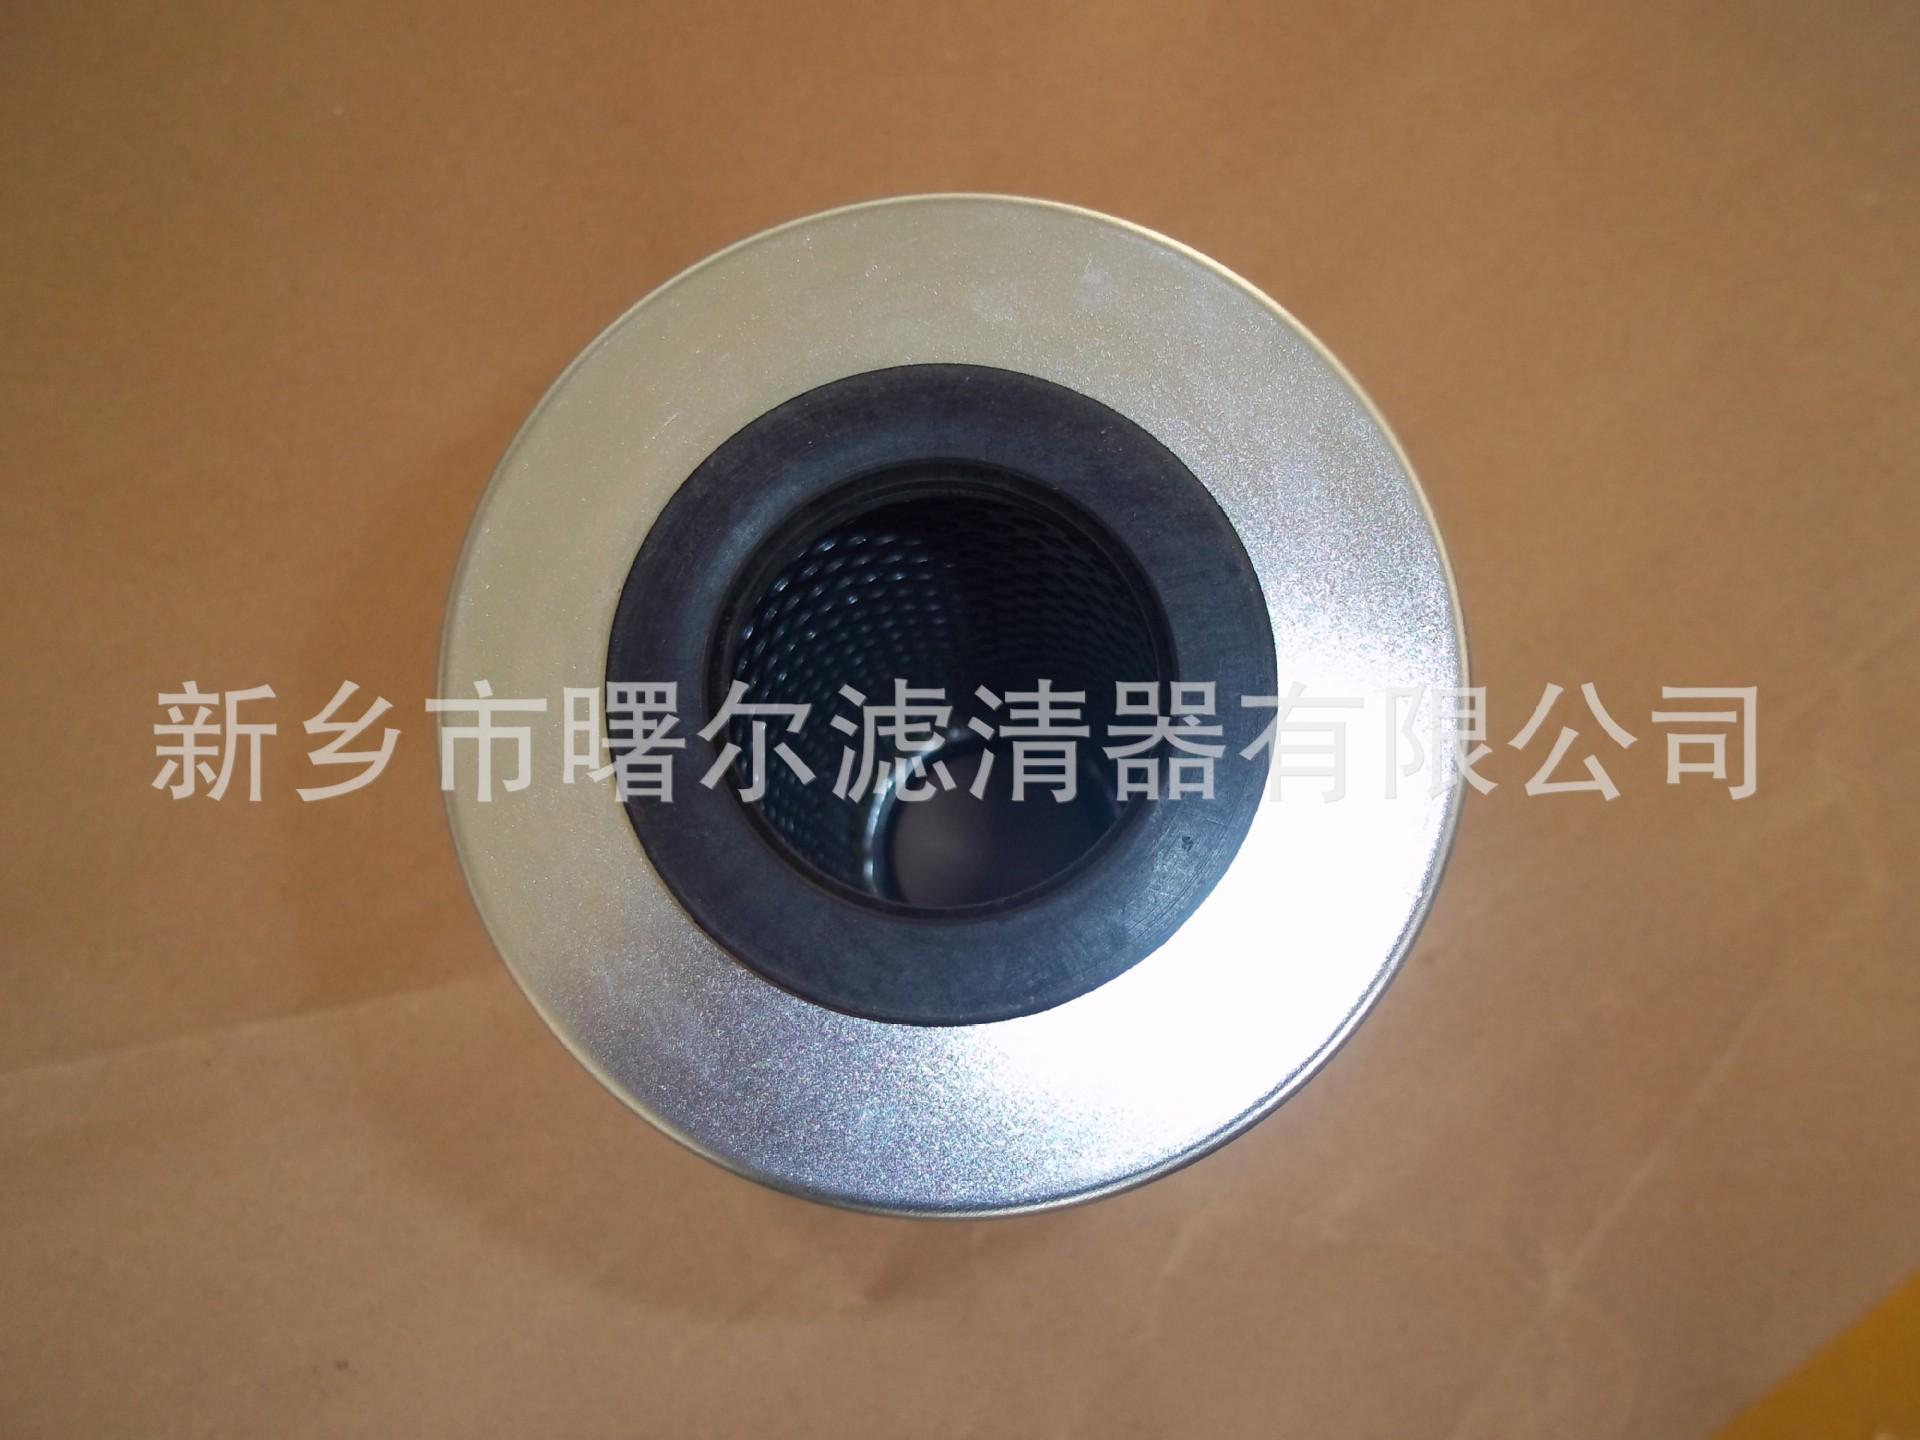 新乡曙尔厂家直销HYDAC贺德克0030D010BH3HC型号齐全批发零售